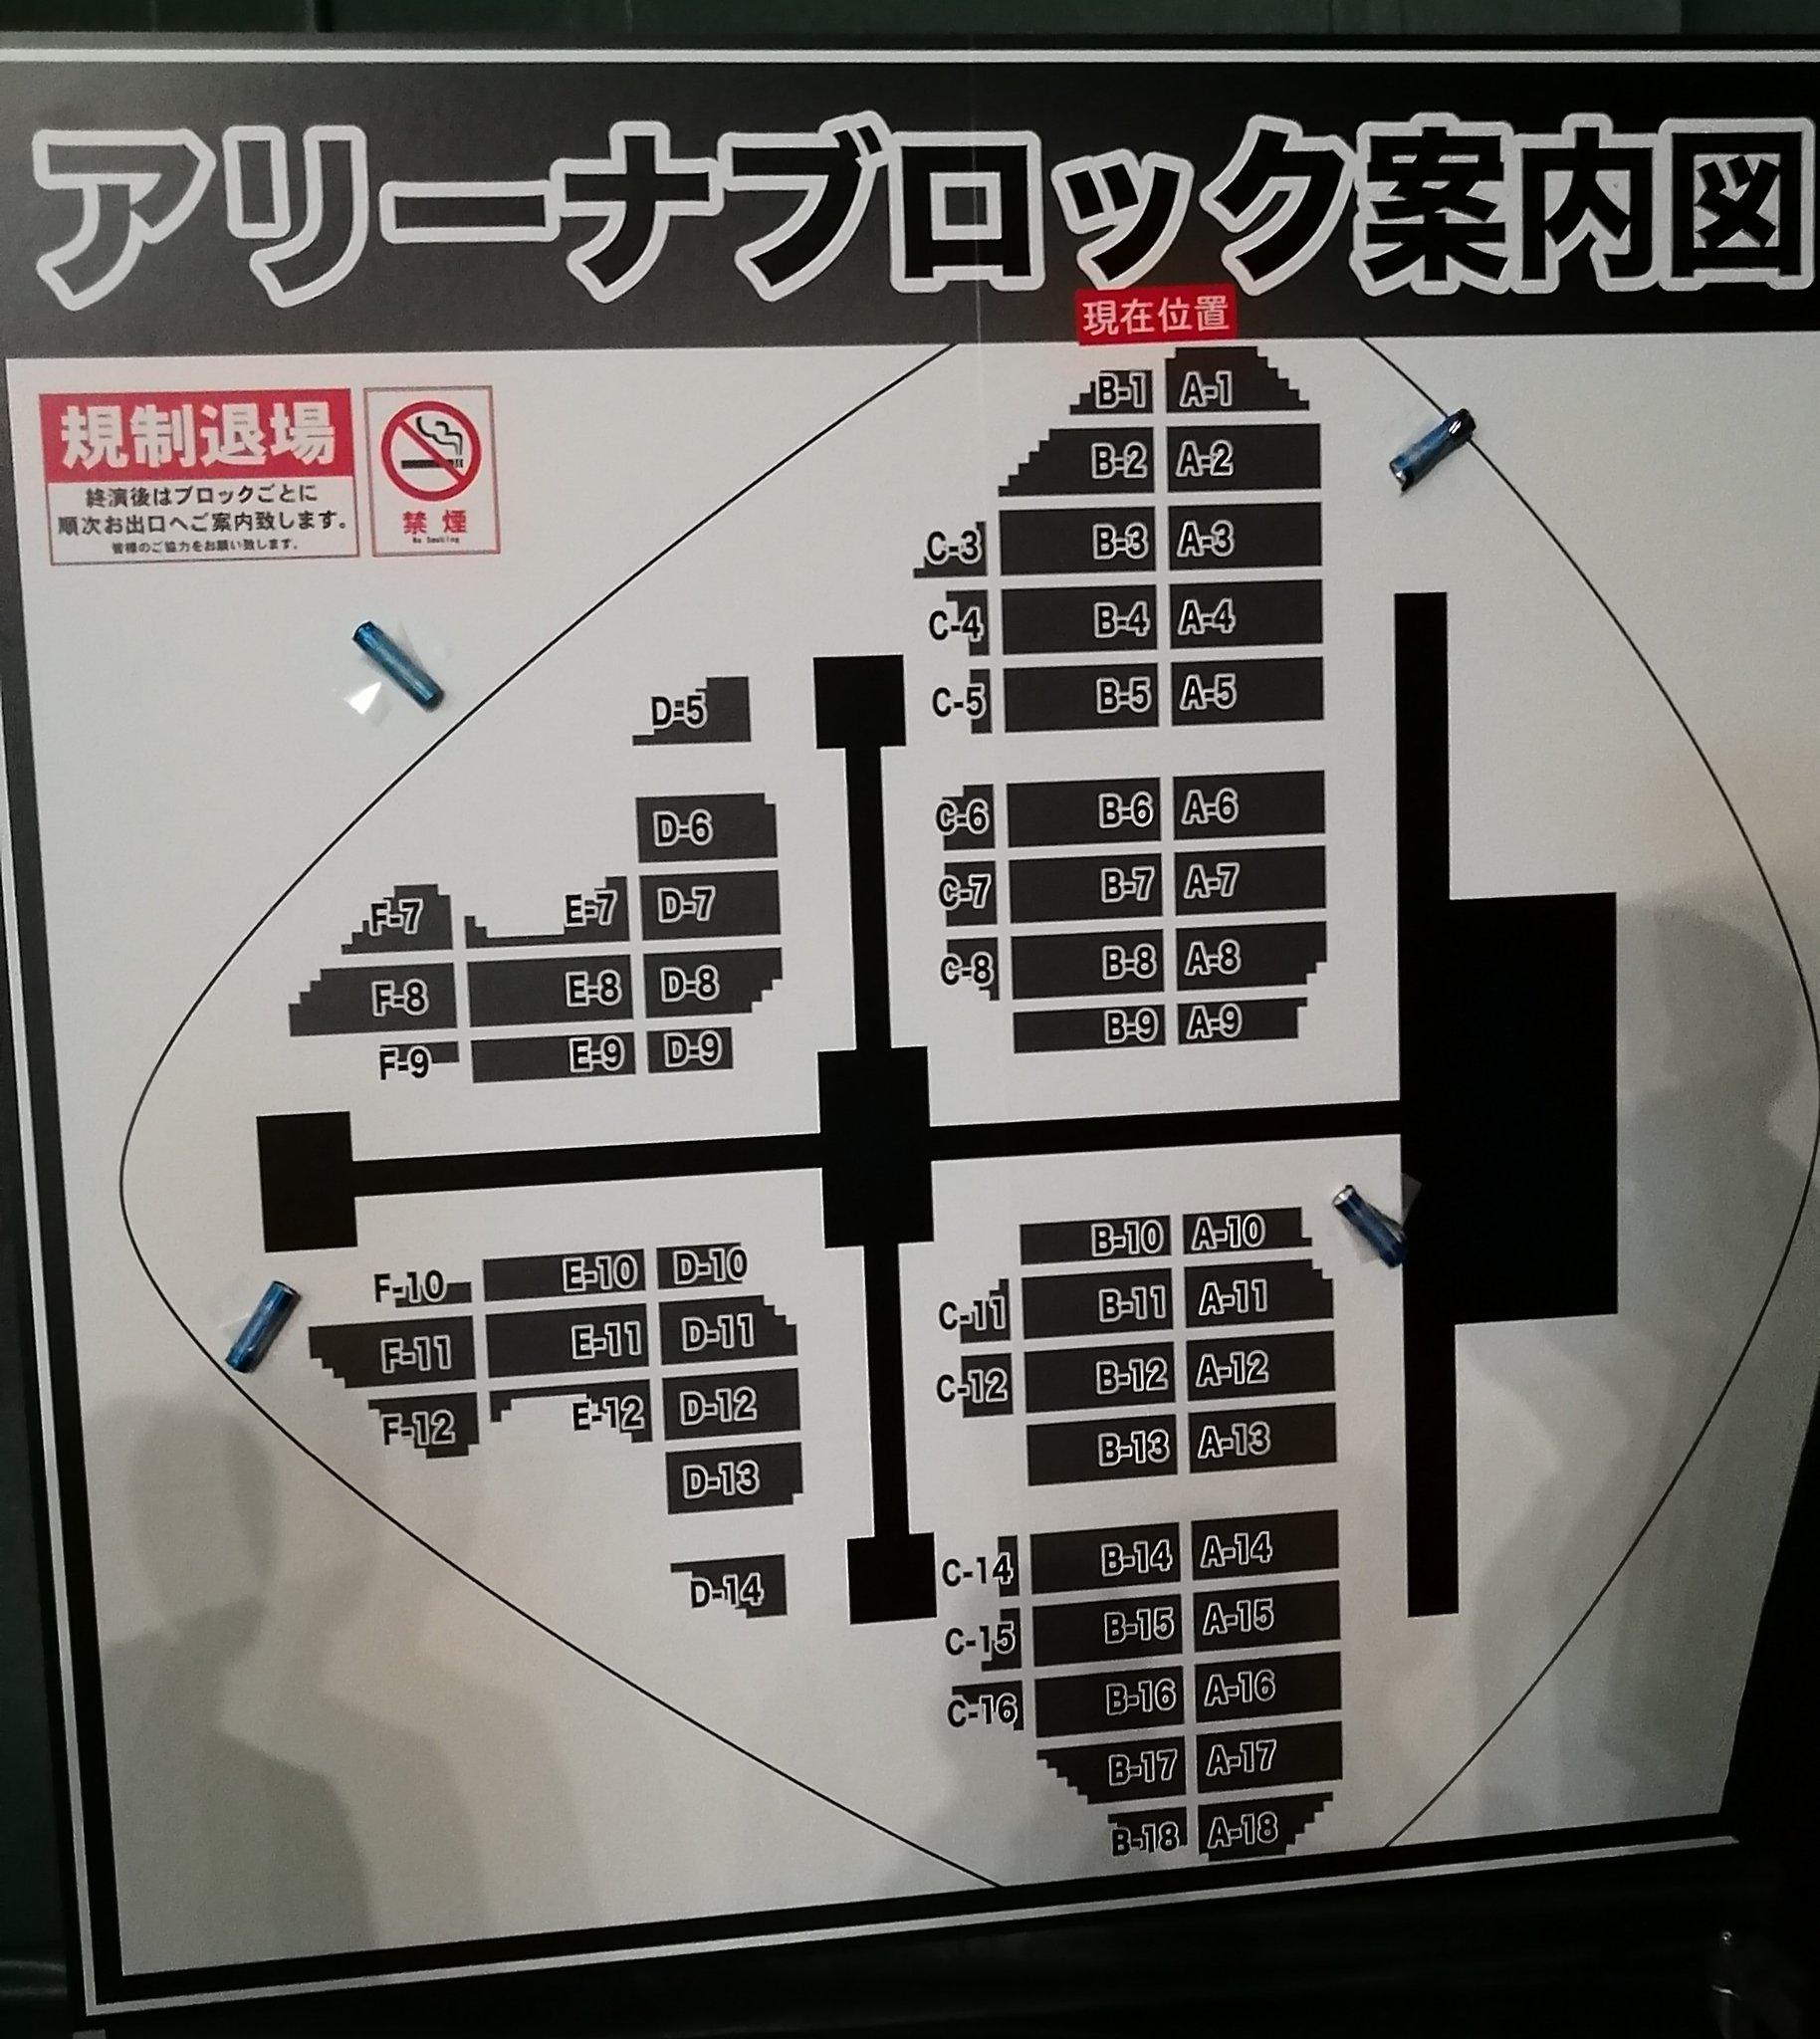 欅坂46 東京ドーム 座席表